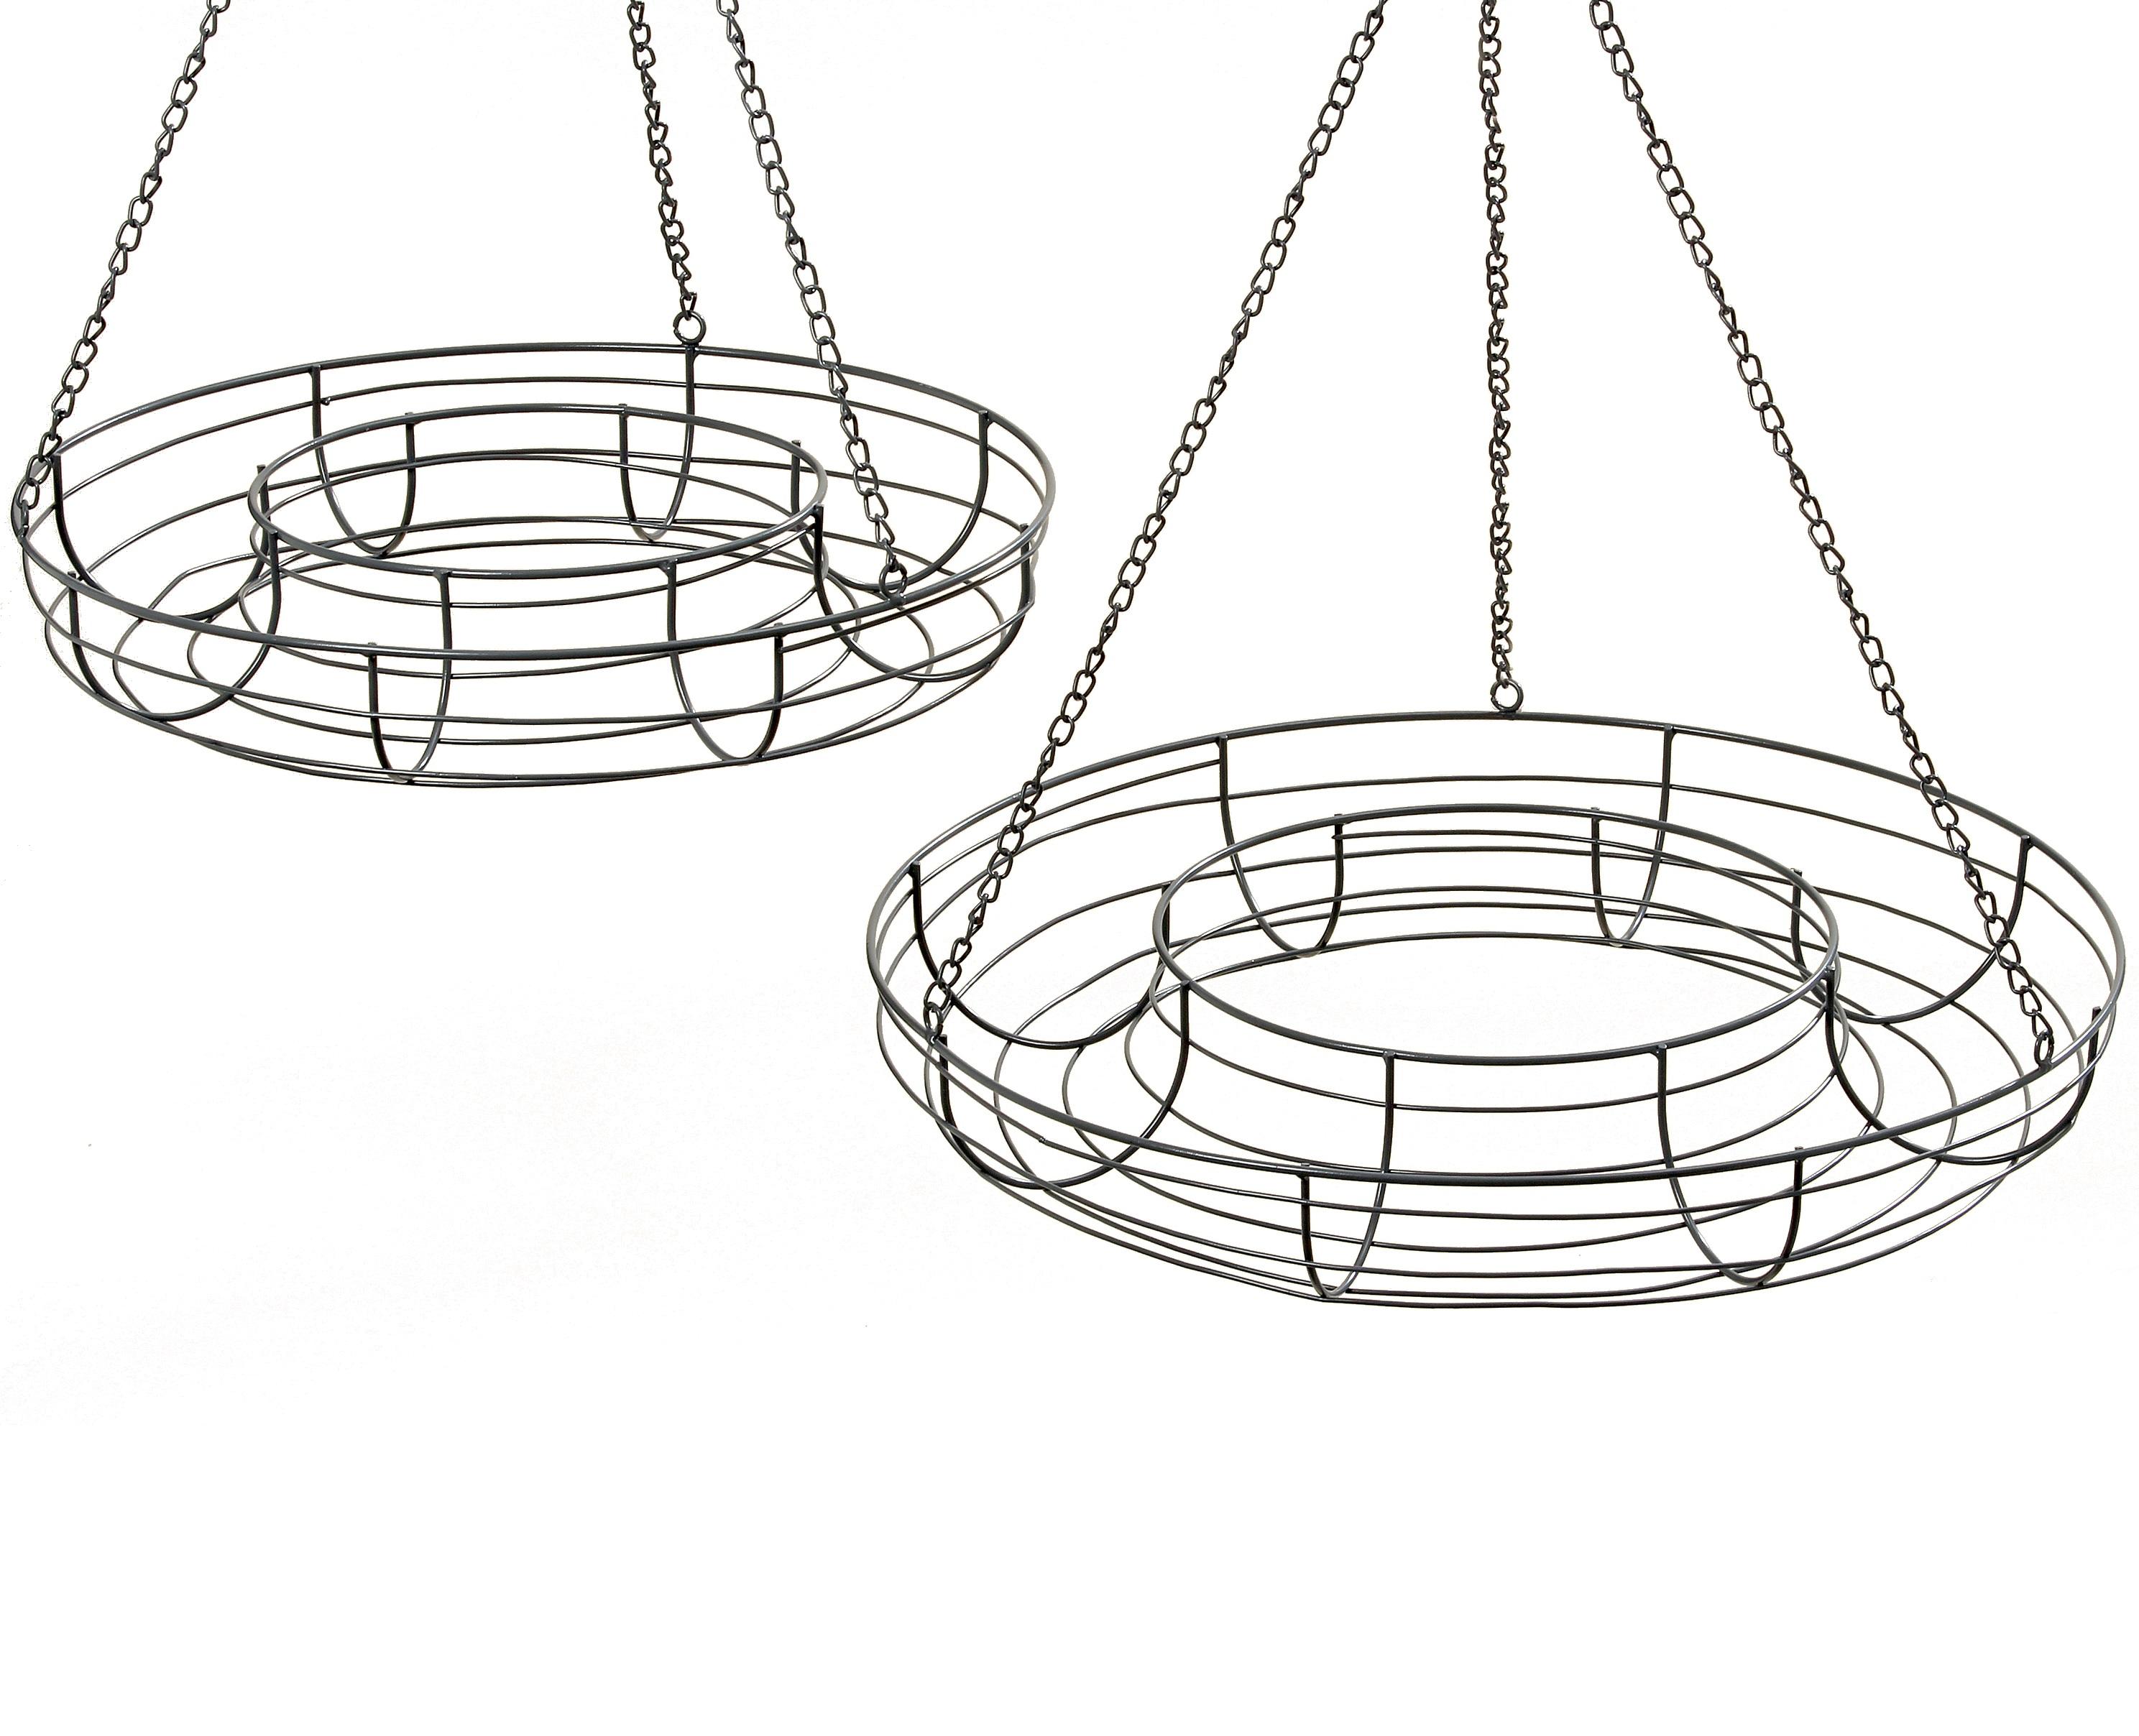 Набор из двух подвесных подставок PetulaКашпо и подставки для дачи и сада<br>Большая: высота 70, диаметр 55;&amp;amp;nbsp;&amp;lt;div&amp;gt;маленькая: высота 70, диаметр 47.&amp;amp;nbsp;&amp;lt;/div&amp;gt;&amp;lt;div&amp;gt;&amp;lt;br&amp;gt;&amp;lt;/div&amp;gt;<br><br>Material: Железо<br>Высота см: 70